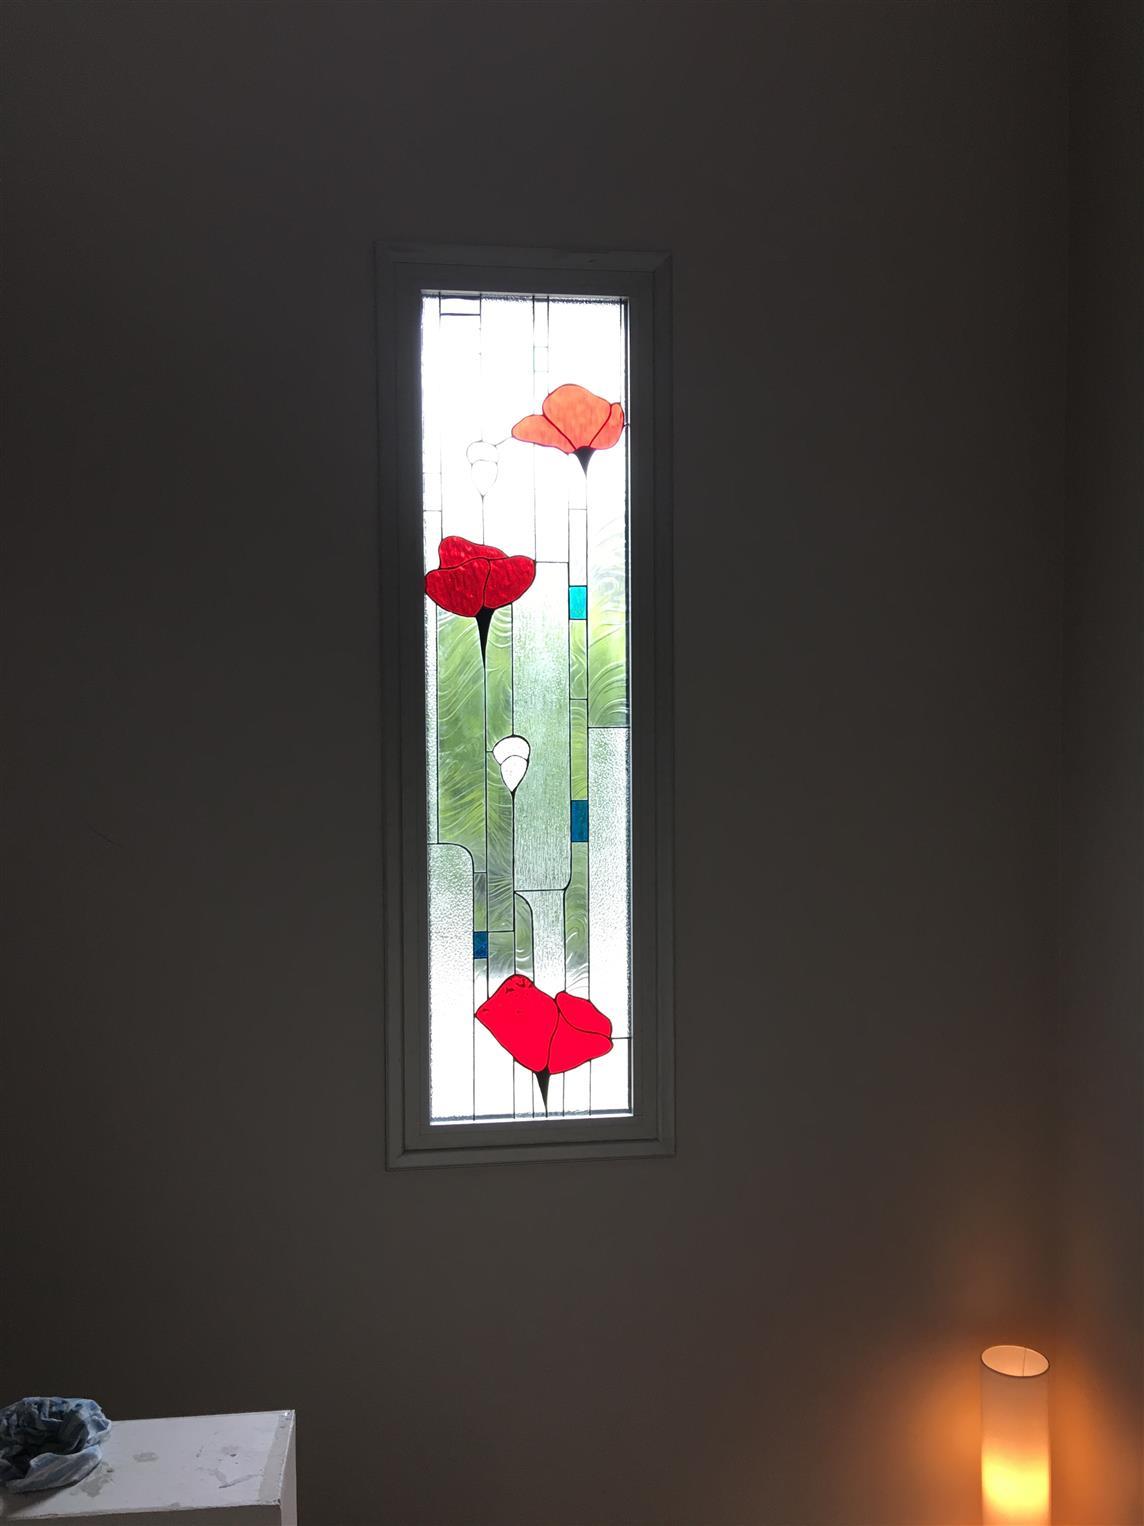 ito-kent-urla-villa201734144540937.jpg izmir vitray çalışması